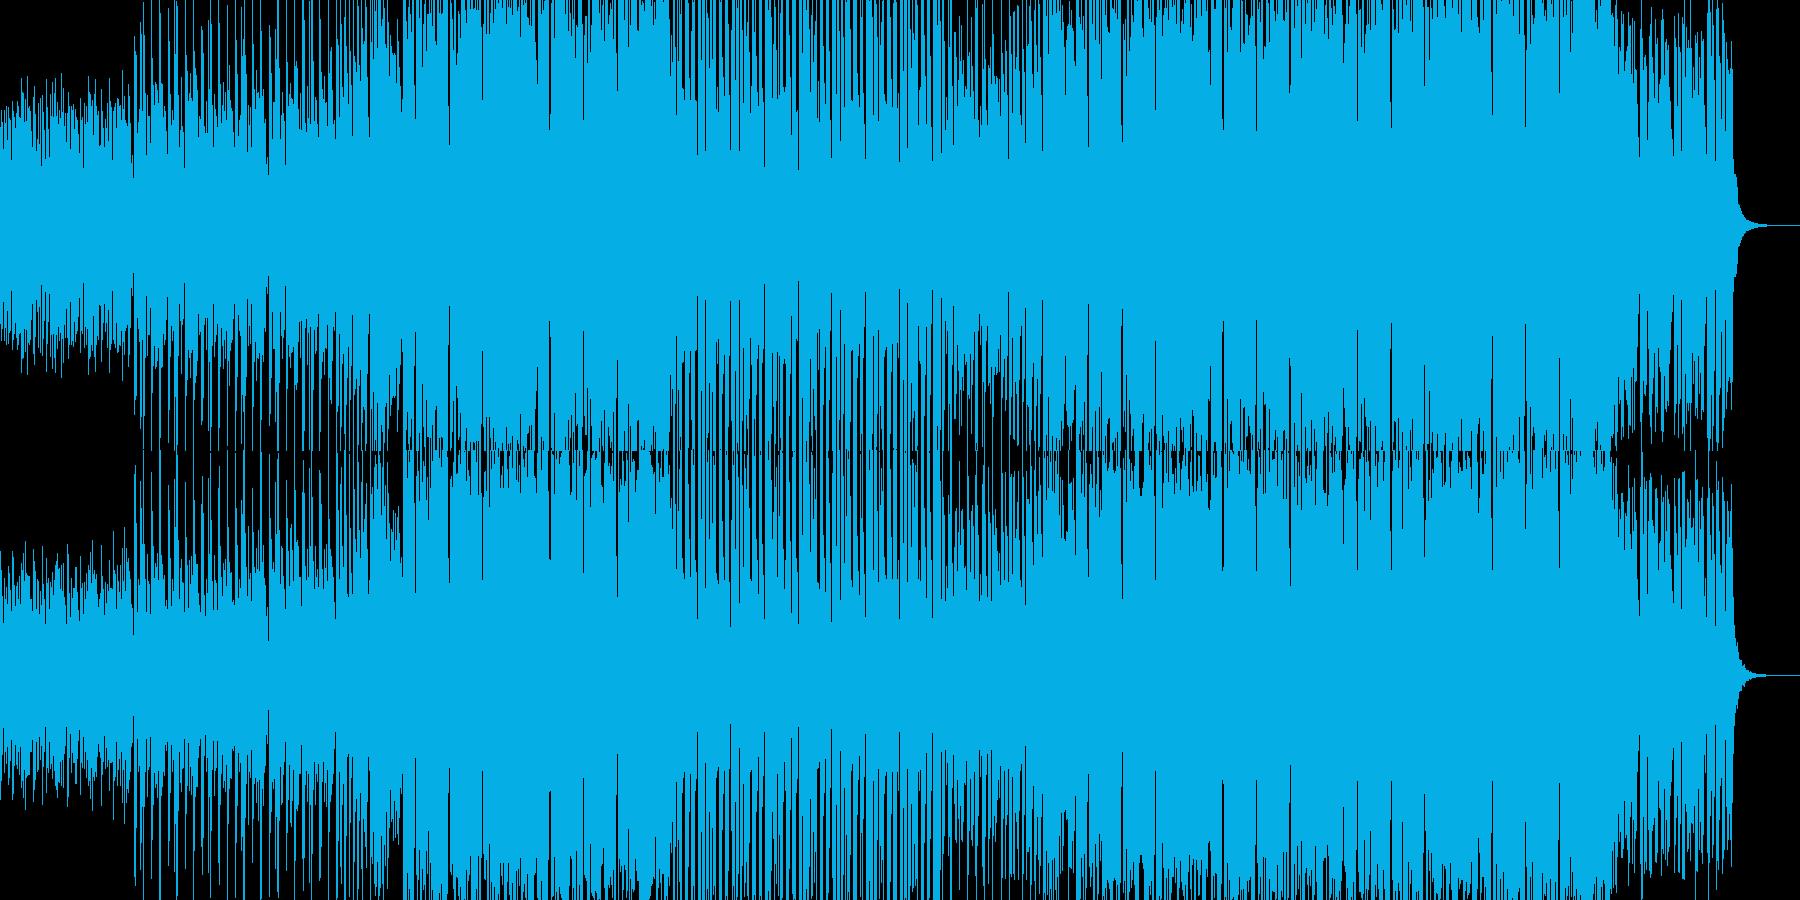 感動系Future bass風EDM曲の再生済みの波形